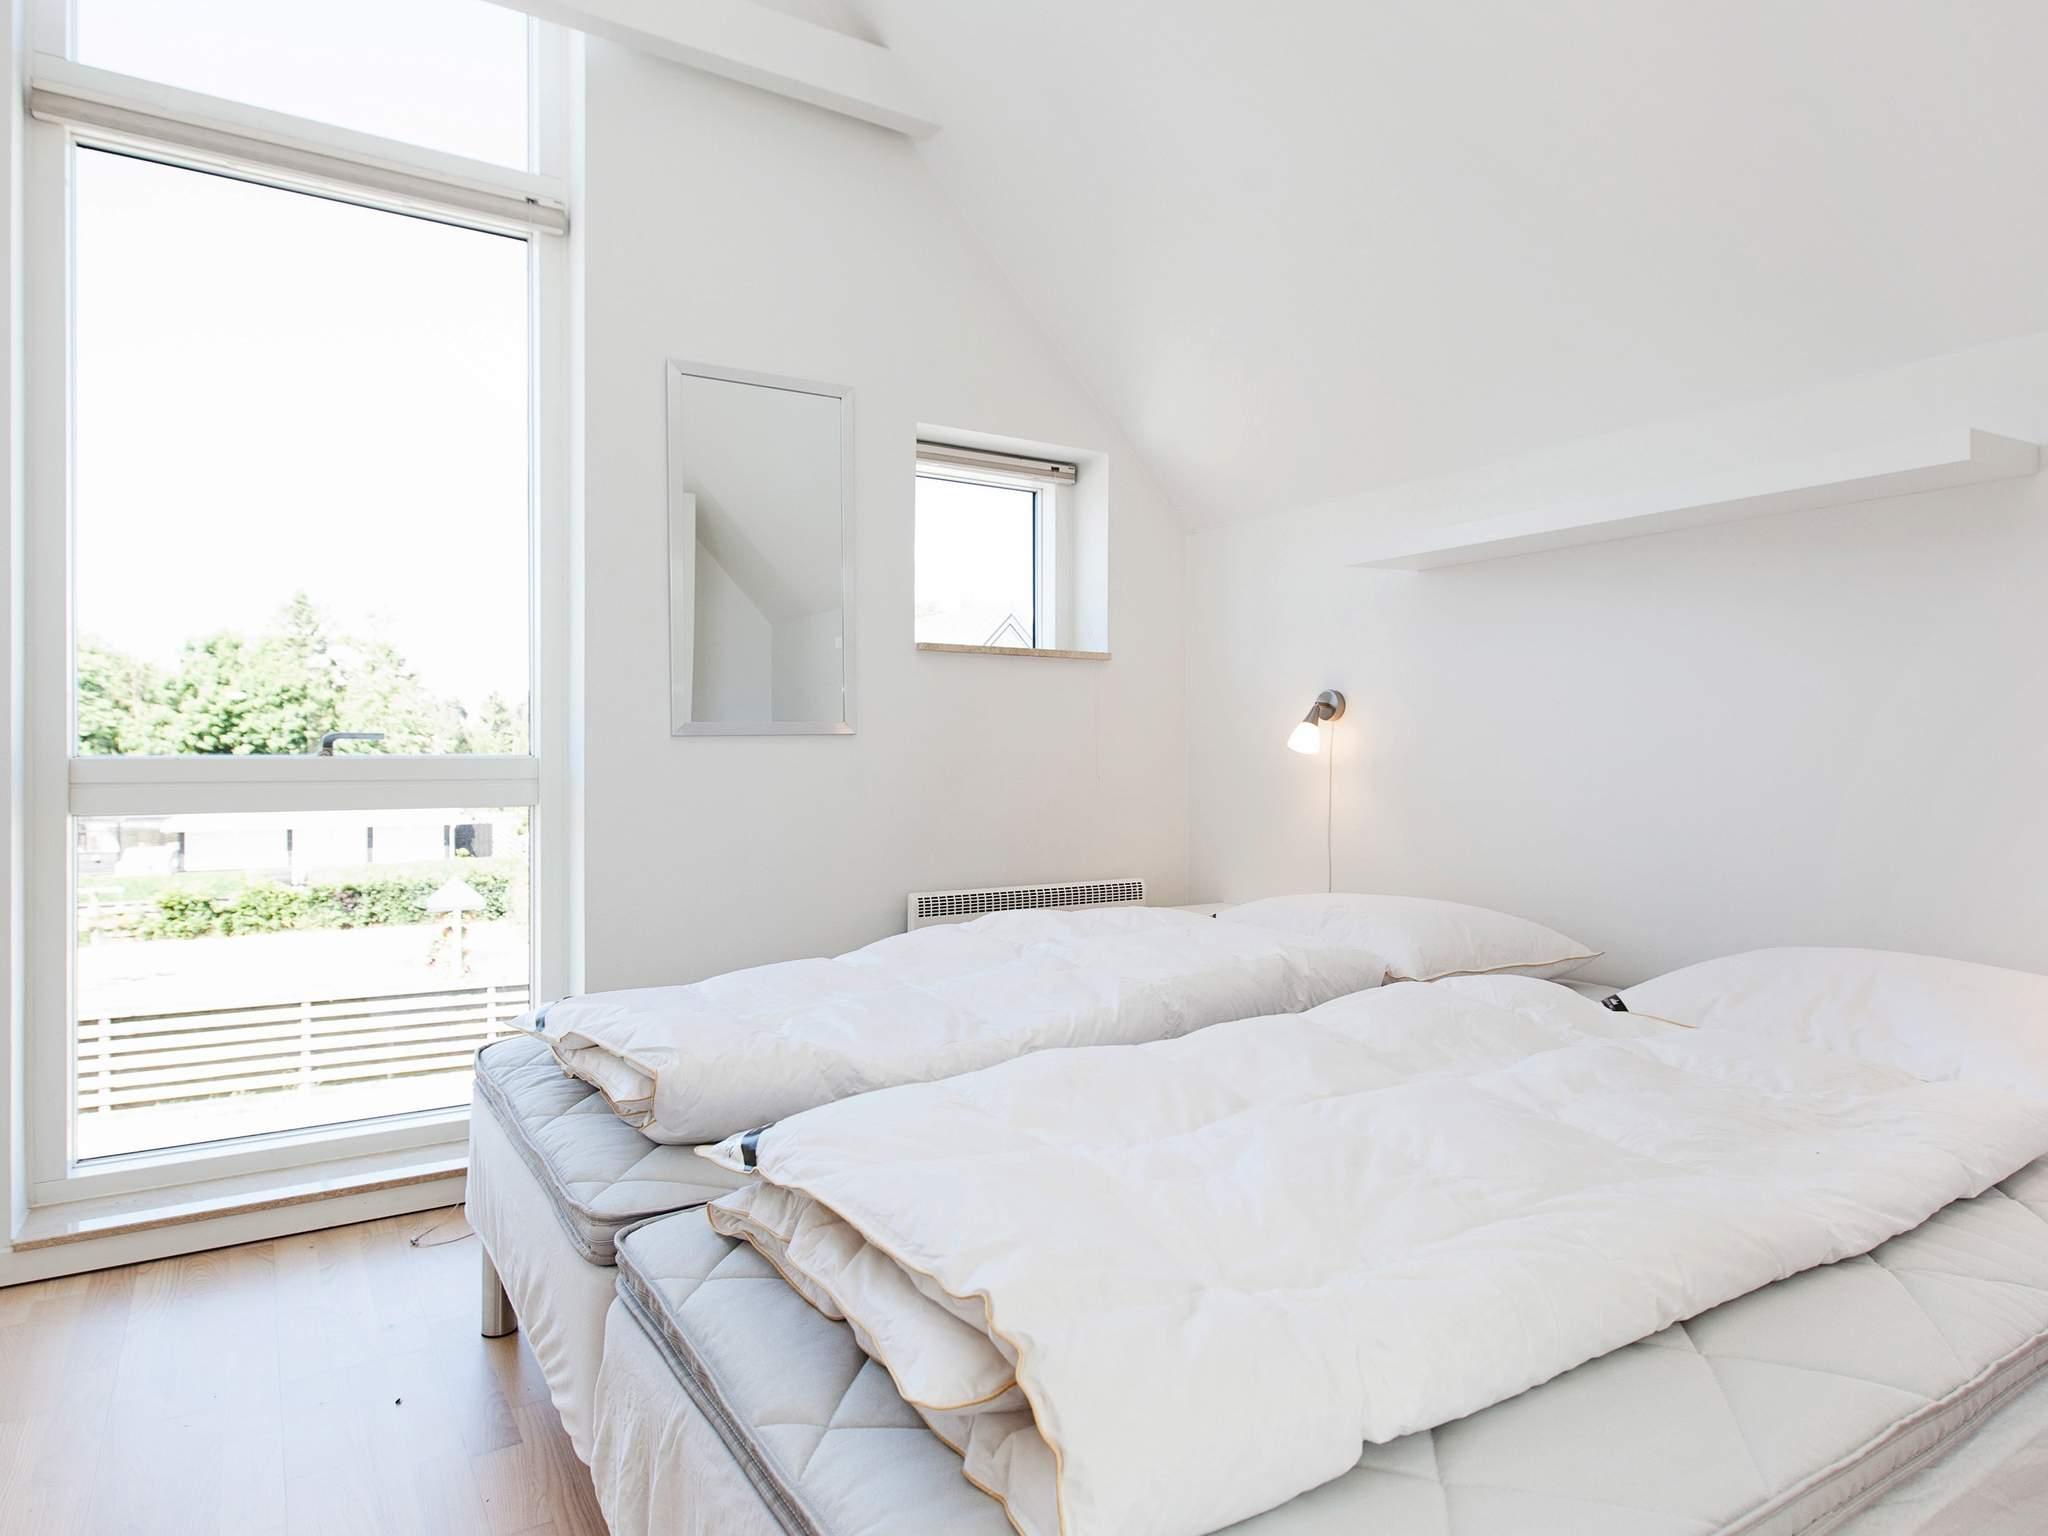 Ferienhaus Marielyst (334418), Marielyst, , Falster, Dänemark, Bild 15